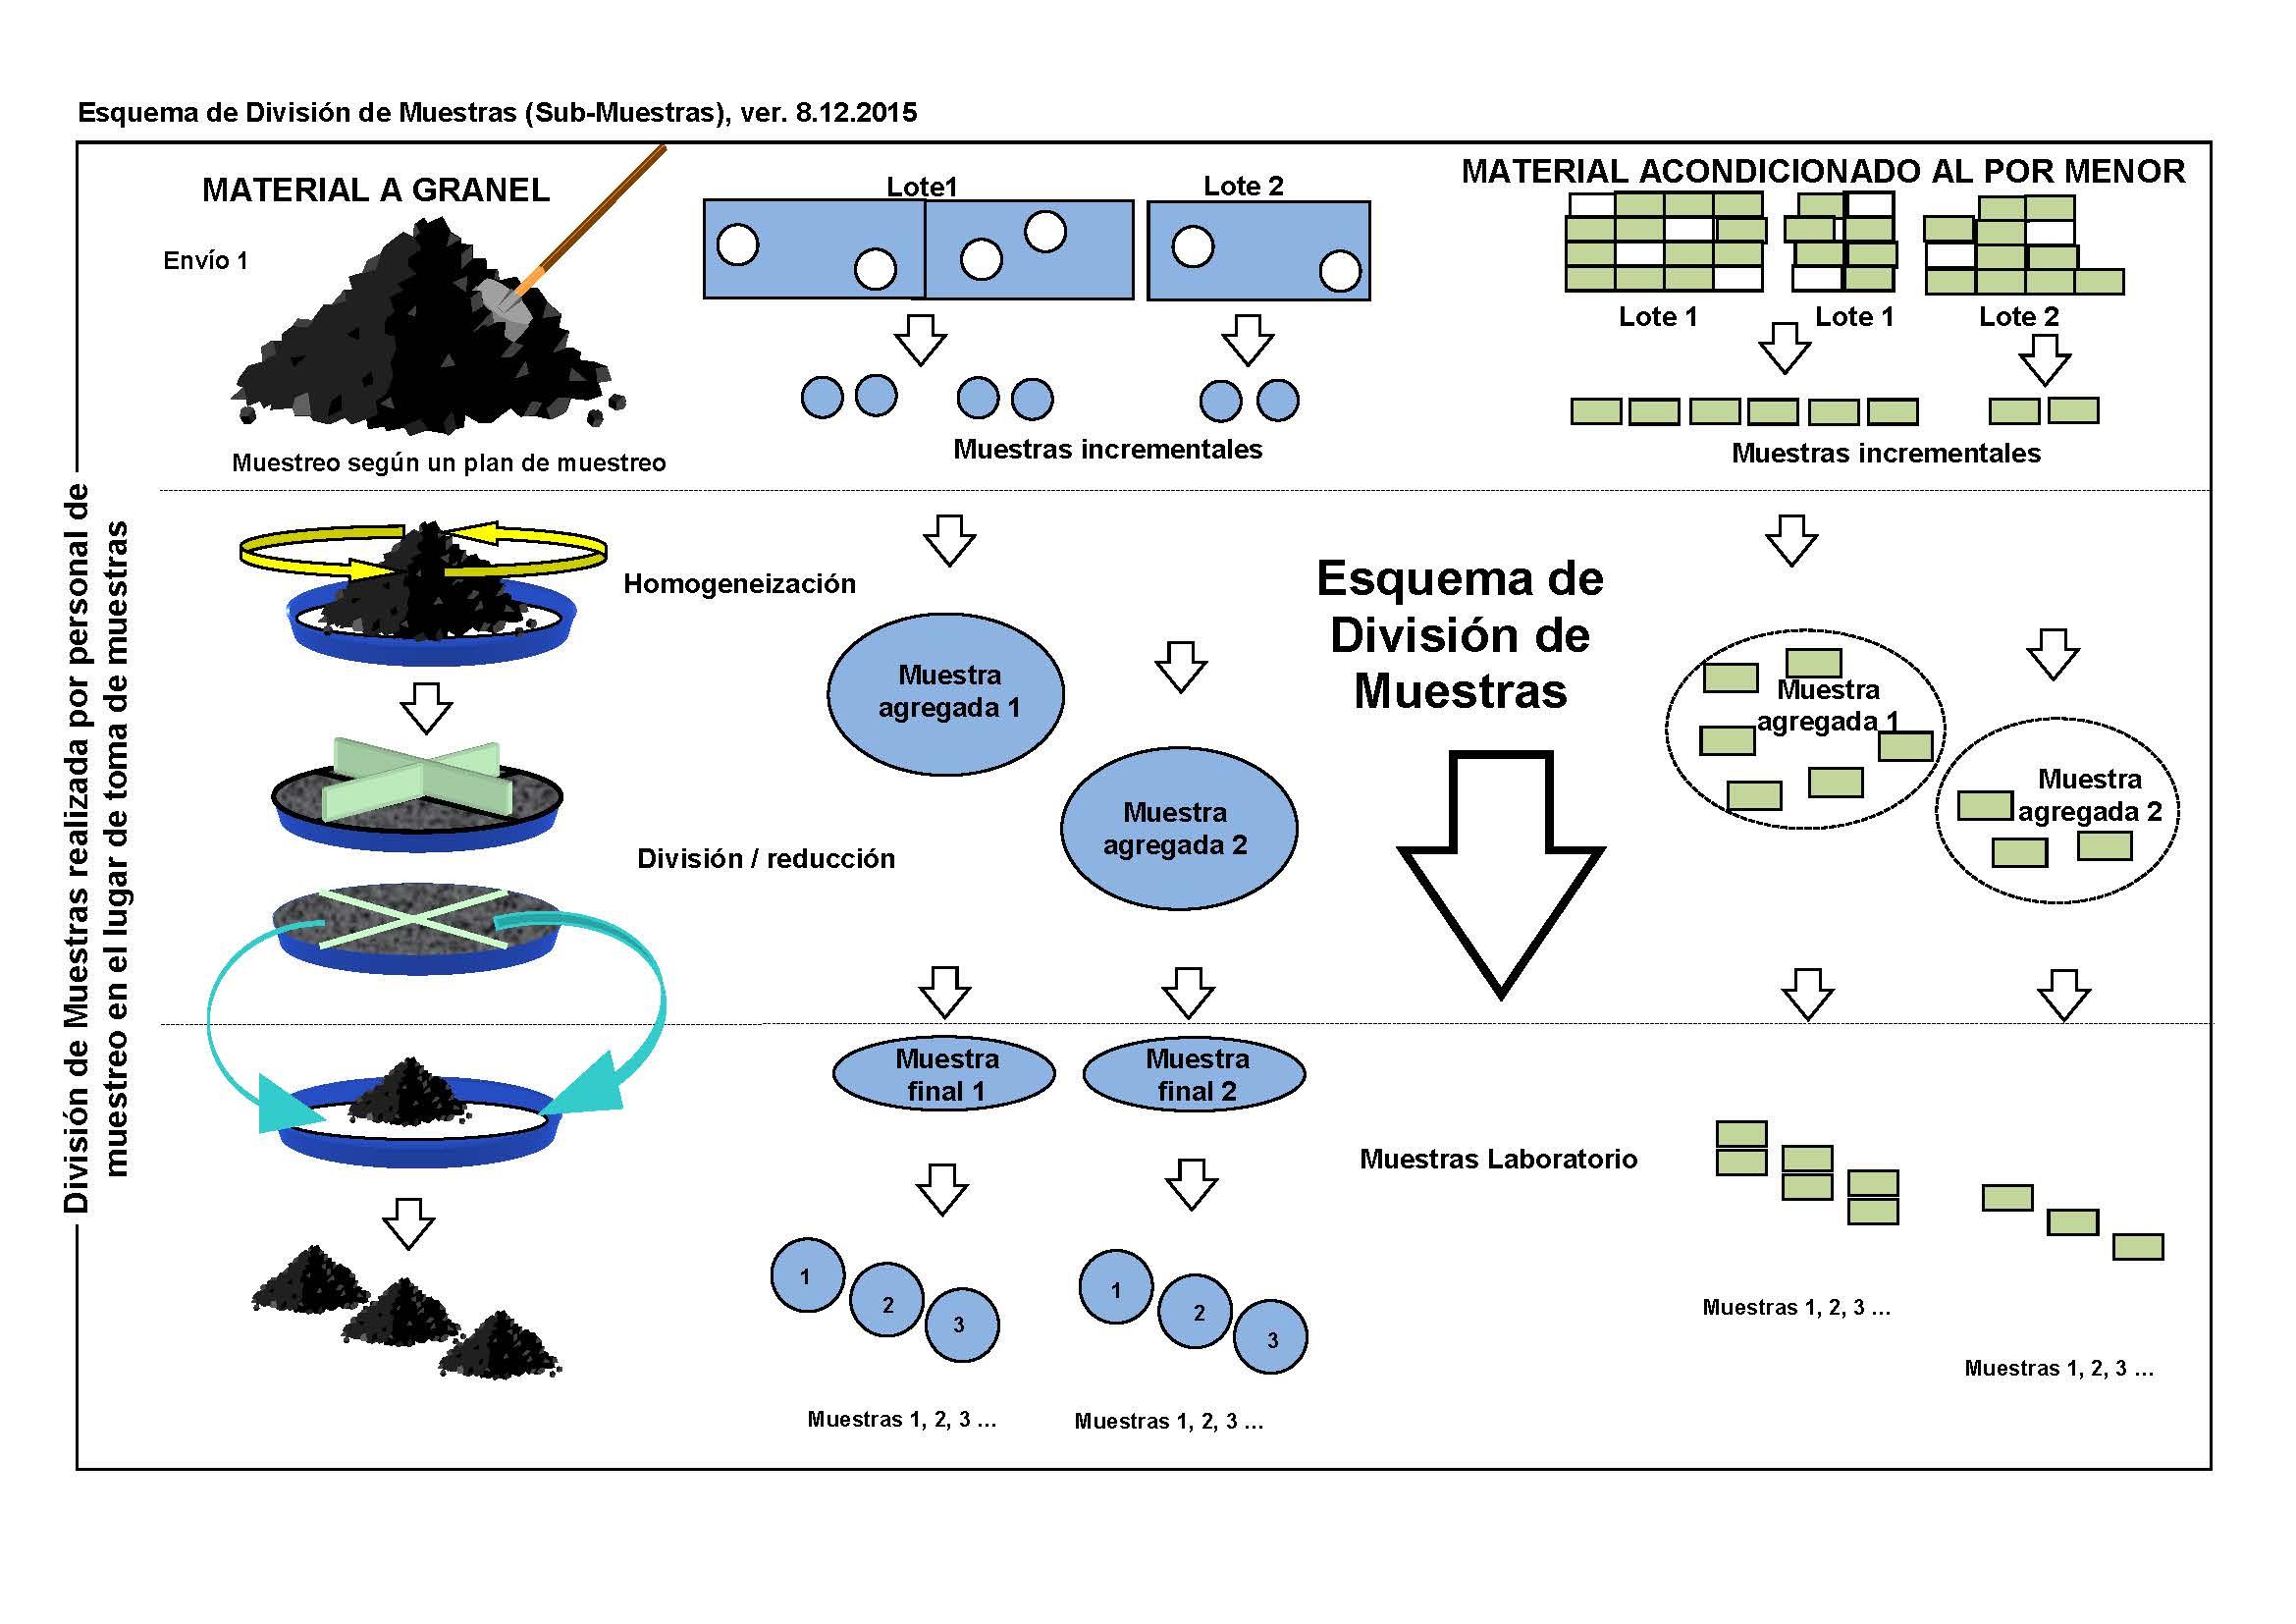 Los métodos cuantitativos de los sistemas de extracción de información están normalmente relacionados con el cálculo de la precisión, la cobertura, la medida-F, el índice de concordancia (Kappa), el rendimiento, etc. Los métodos cualitativos normalmente se aplican a través de.